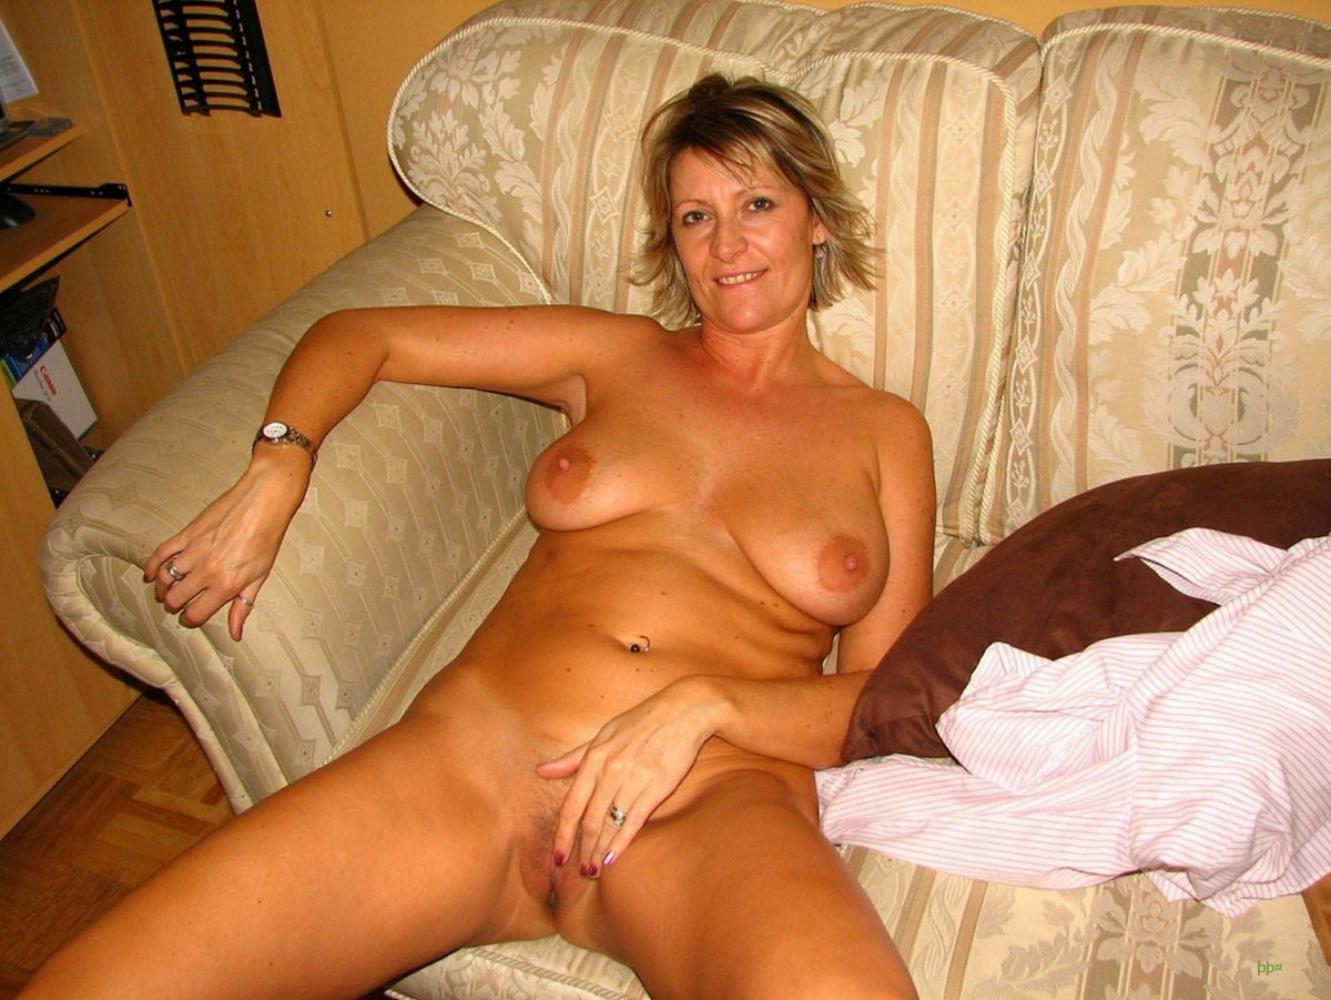 фото голой зрелой женщины лежа на диване мастурбирует.